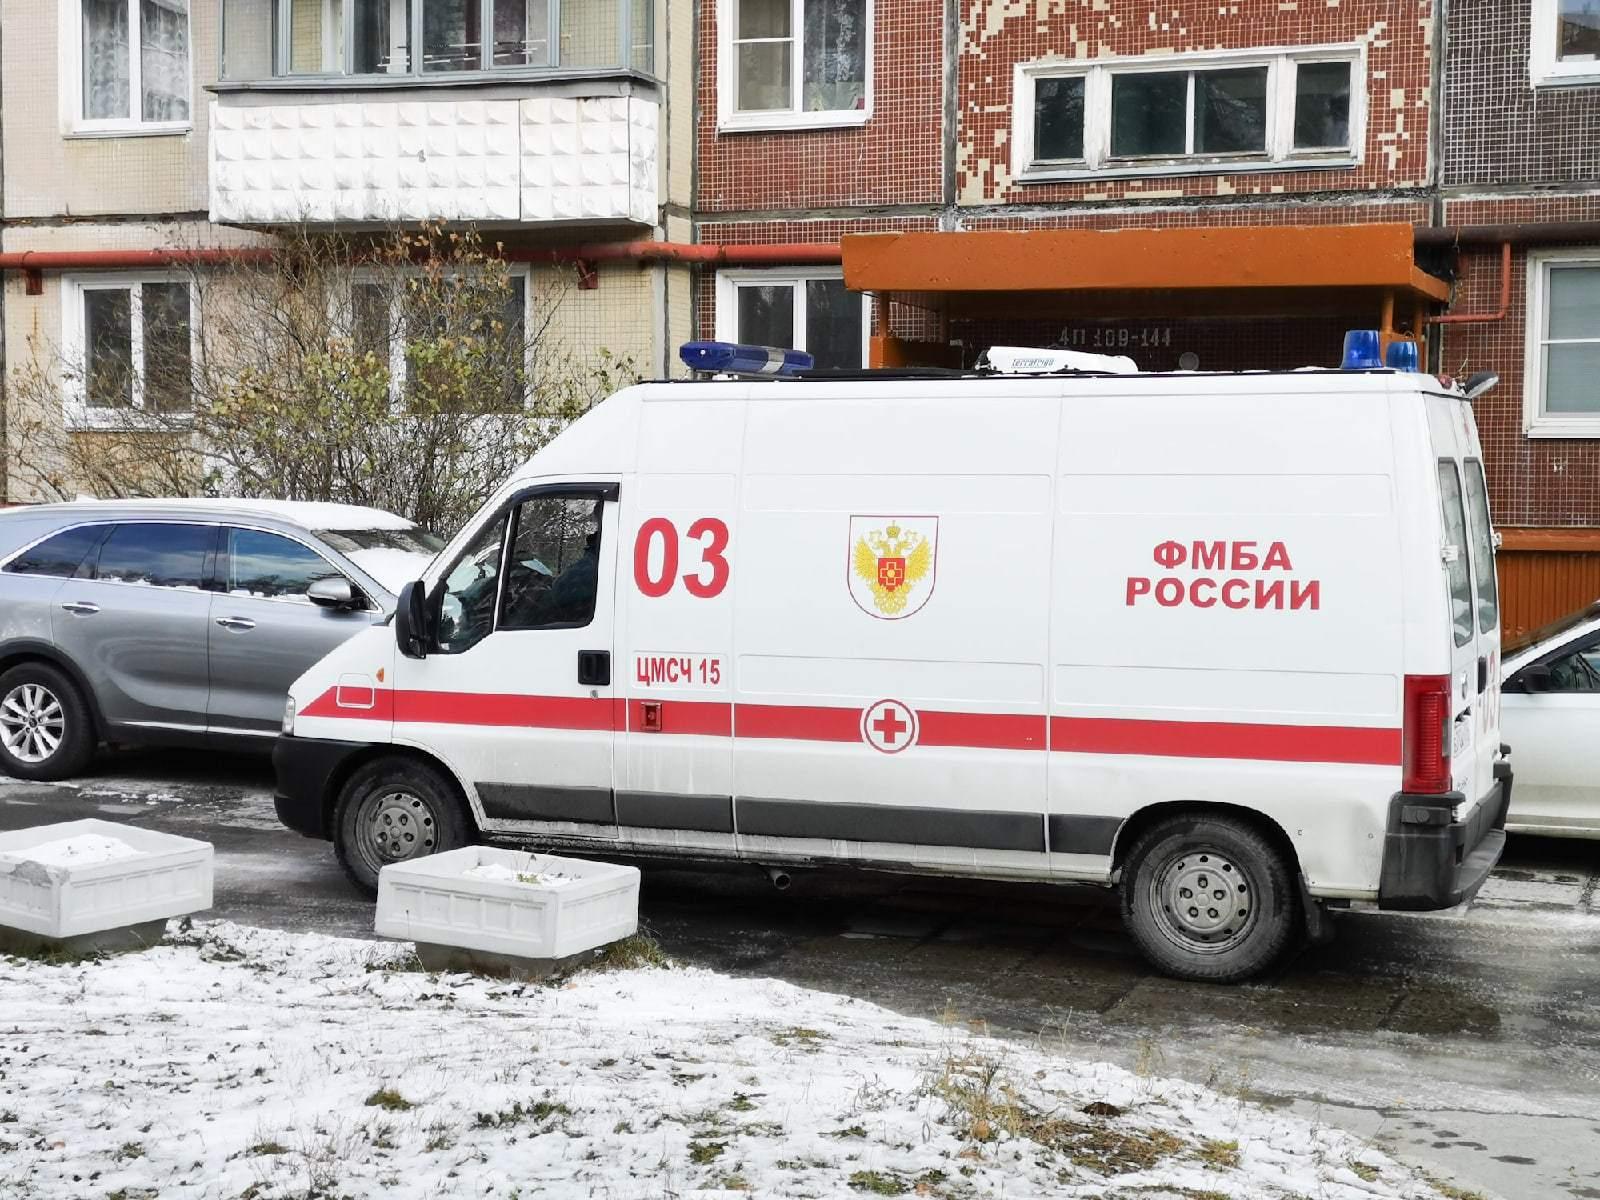 vniitfprof.ru